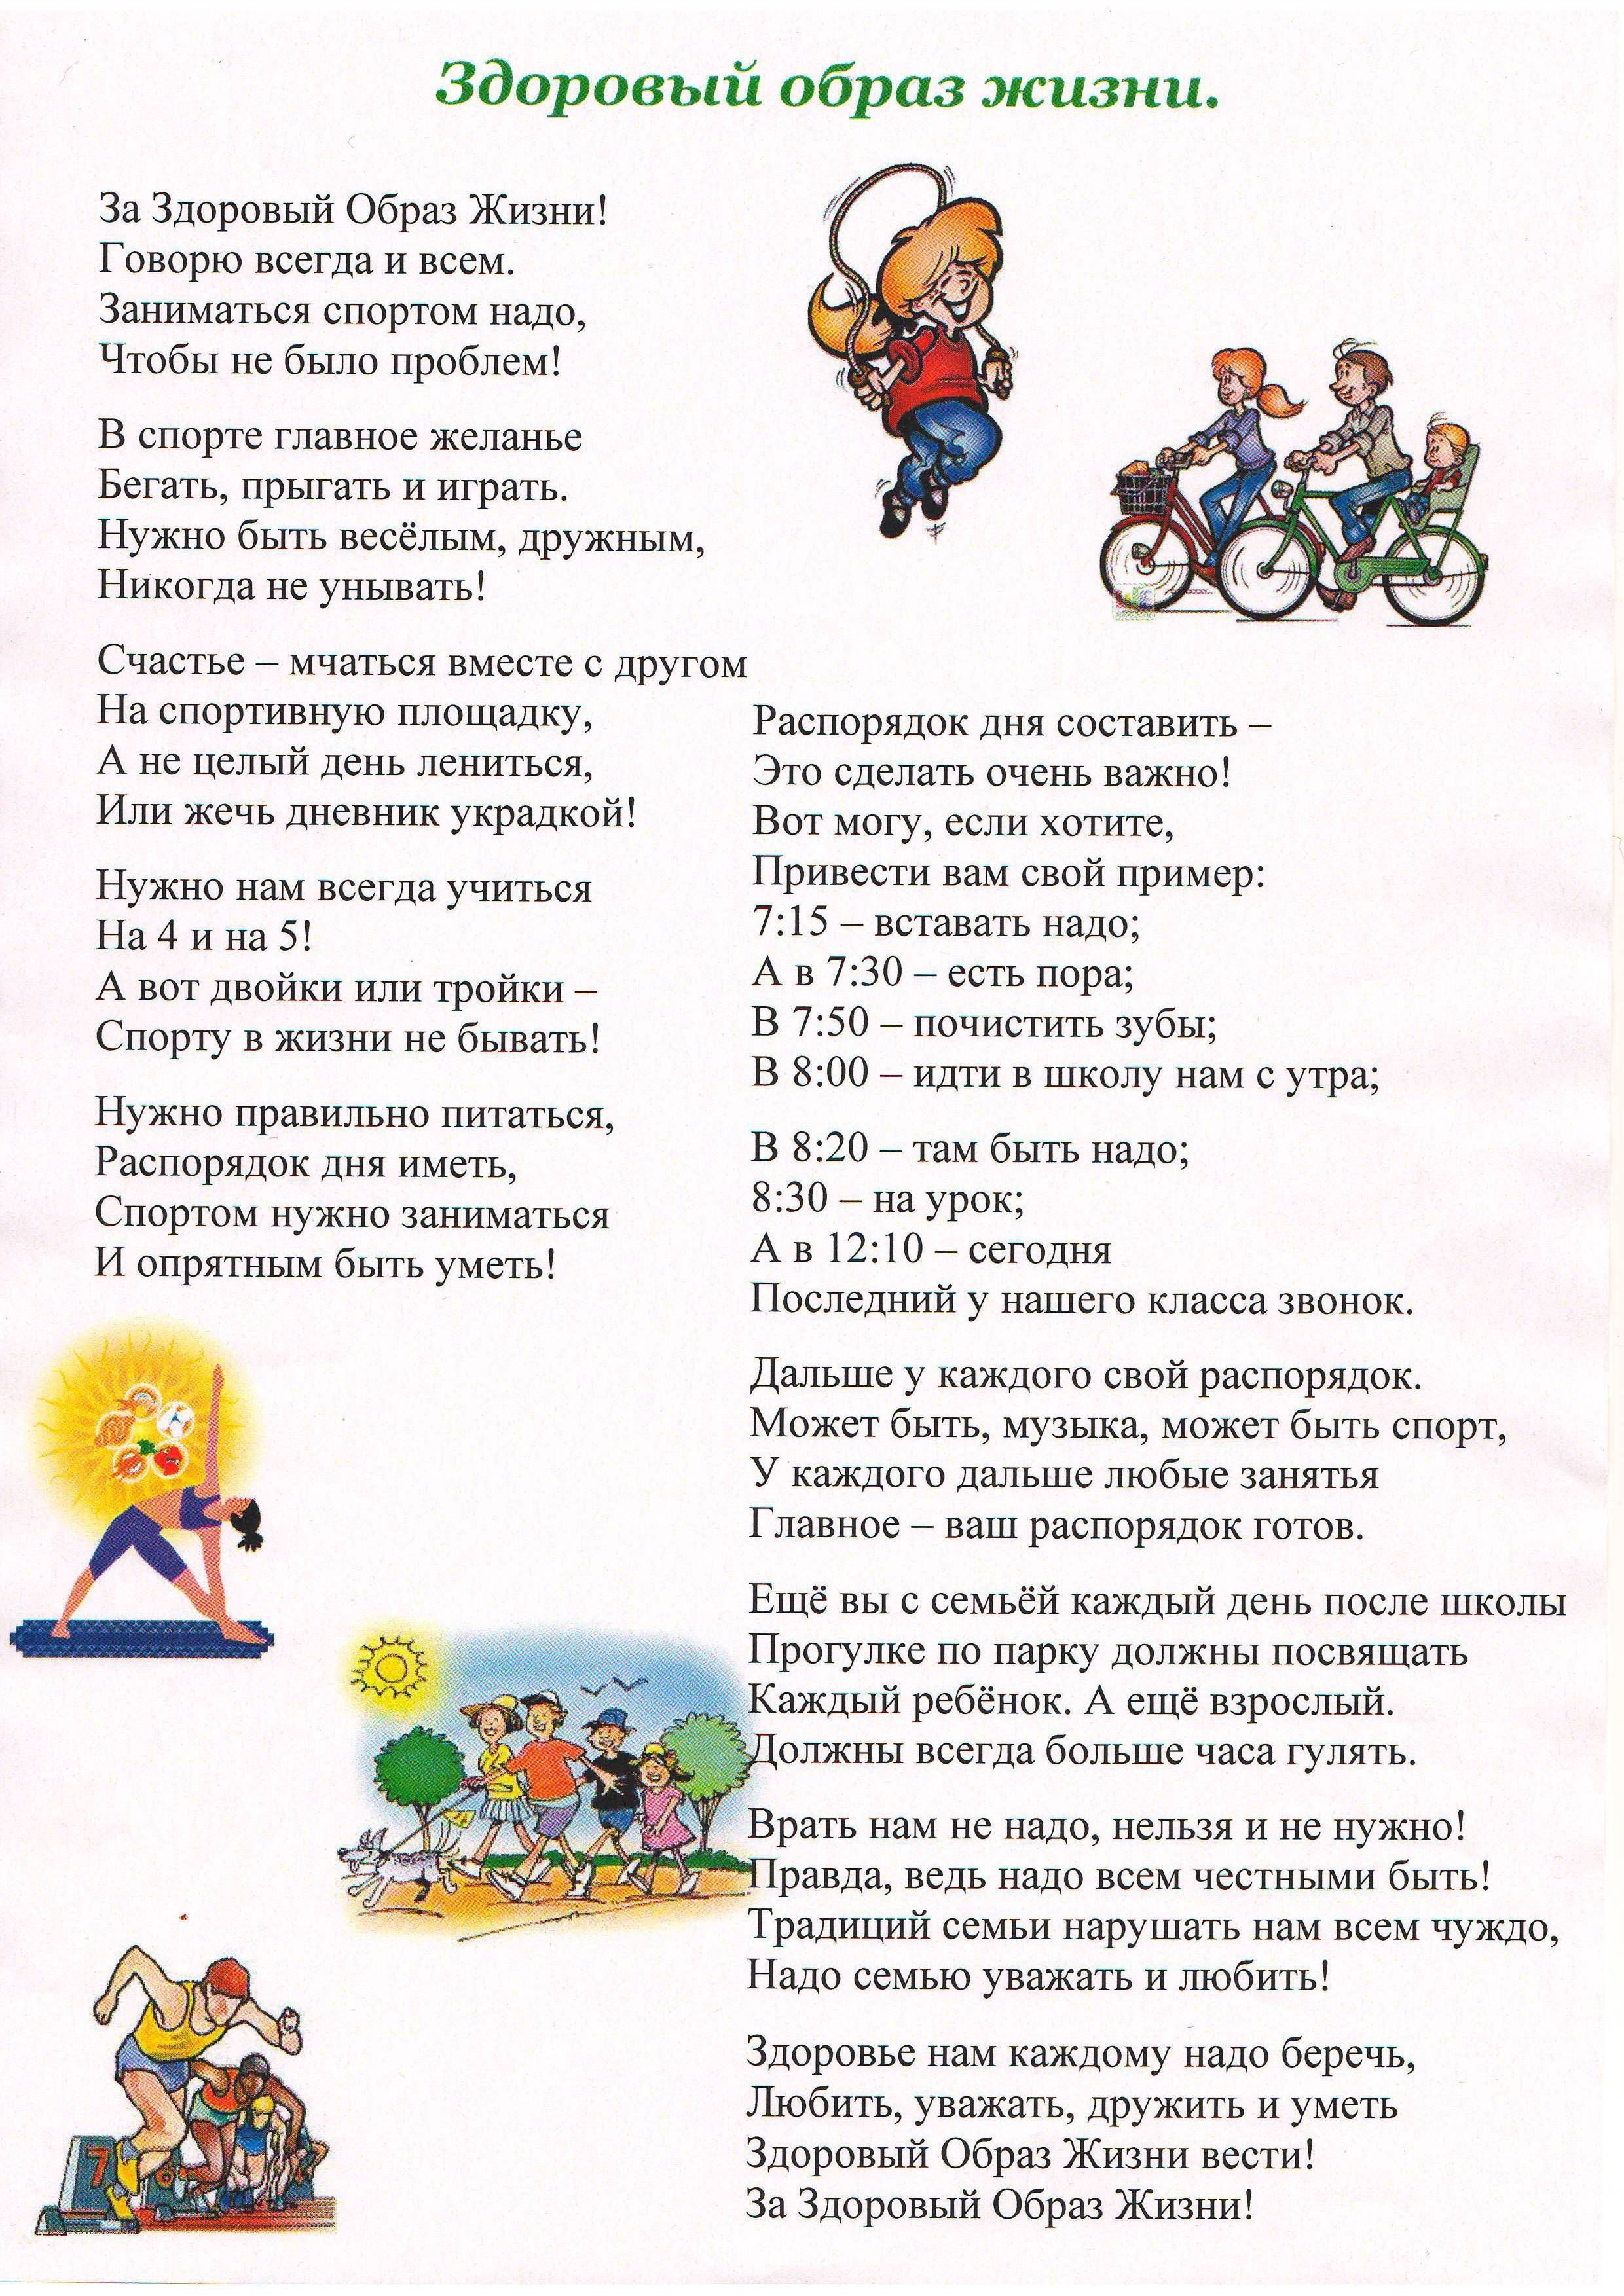 Стих про здоровый образ жизни для детей